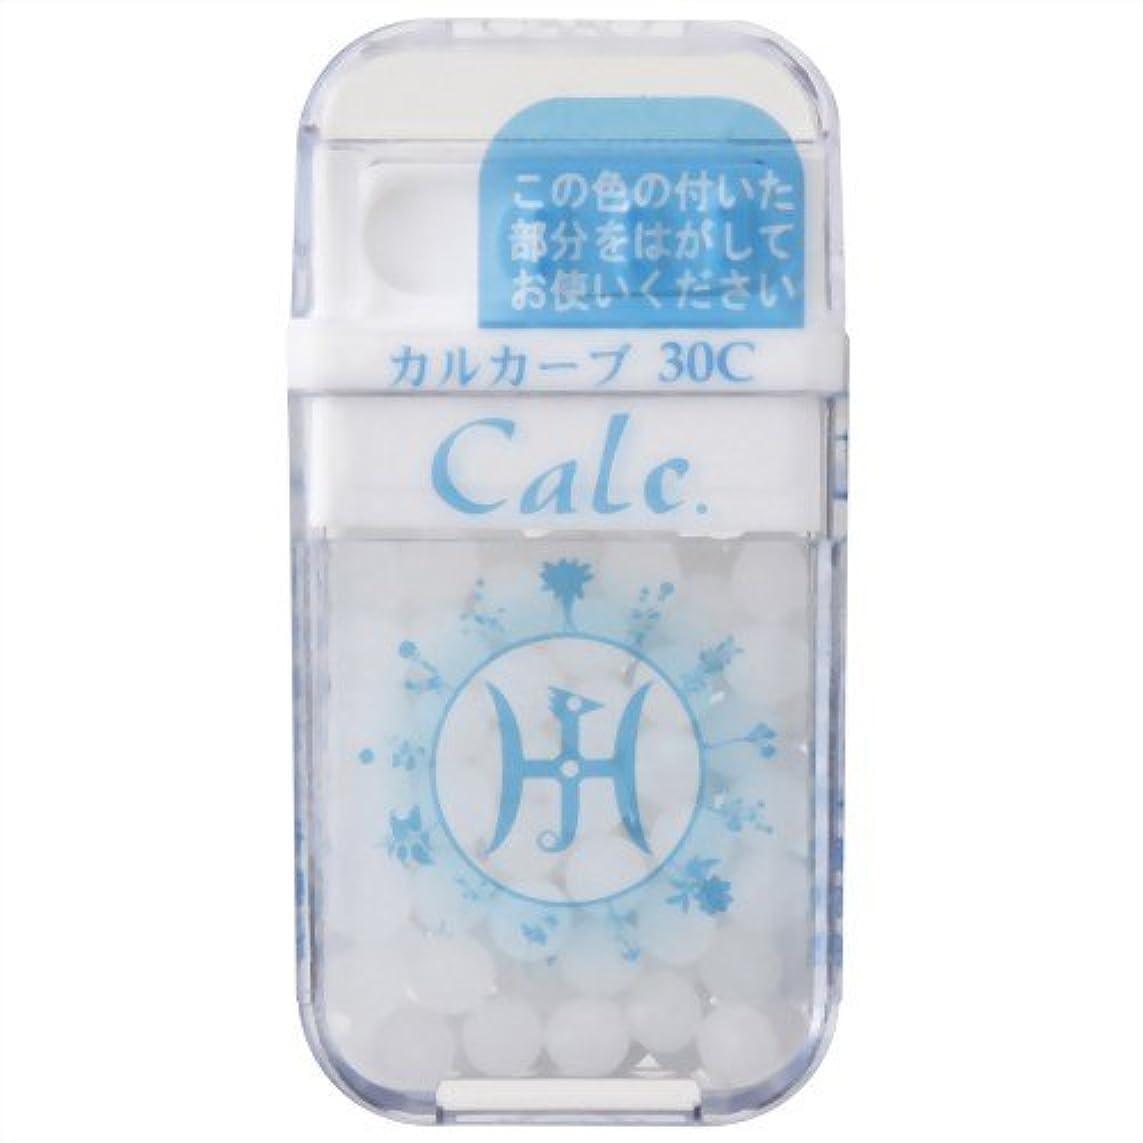 不毛の一杯非互換ホメオパシージャパンレメディー Calc.  カルカーブ 30C (大ビン)